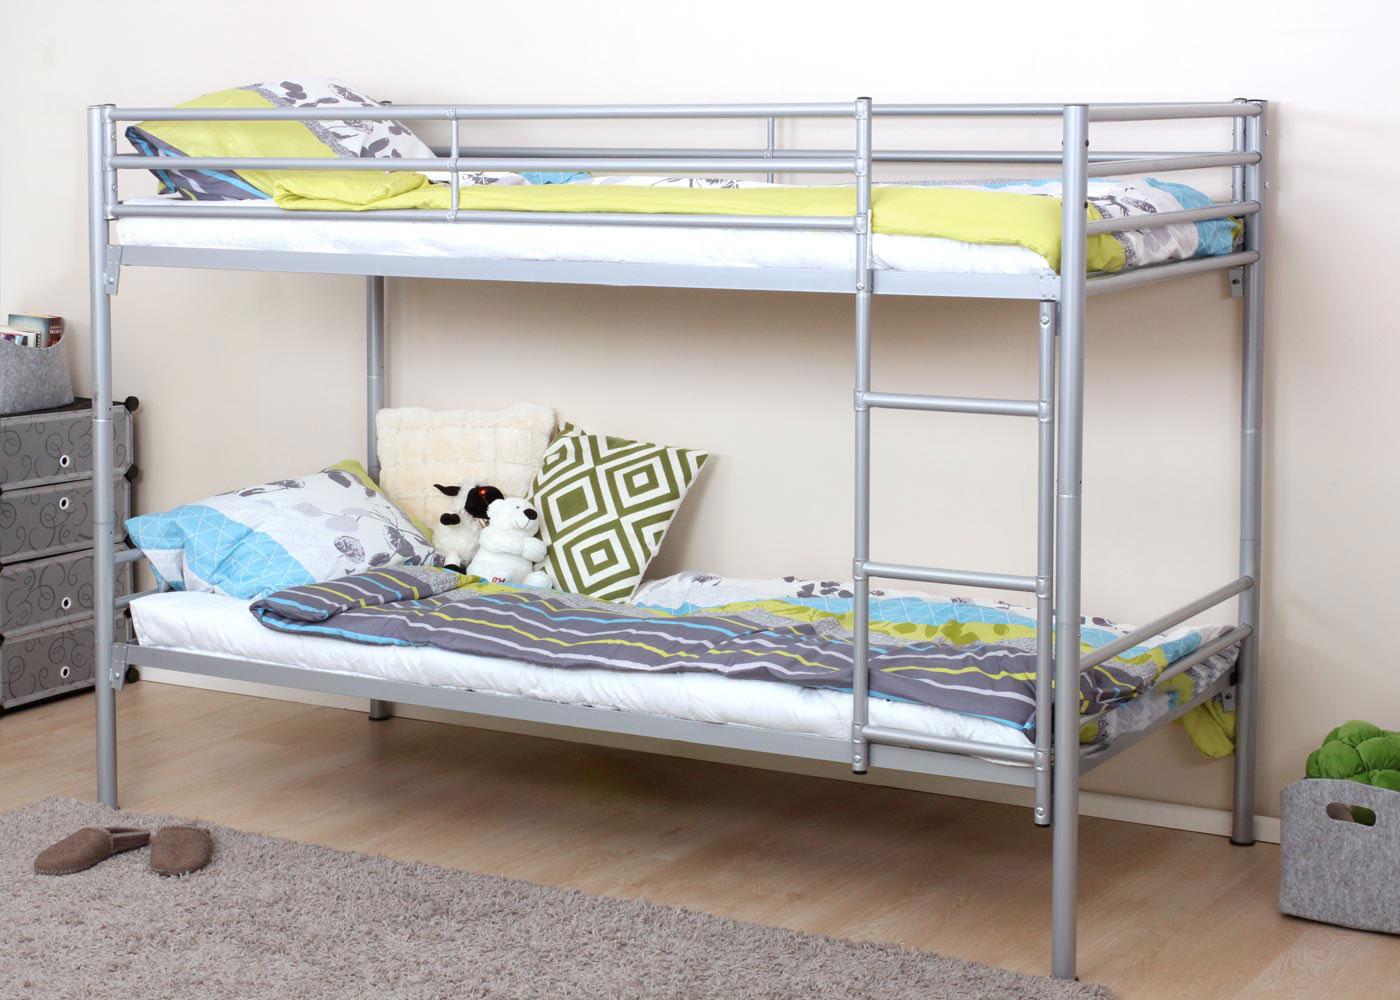 Etagenbett Aus Metall : Etagenbett hwc d hochbett gästebett bett metallbett stockbett